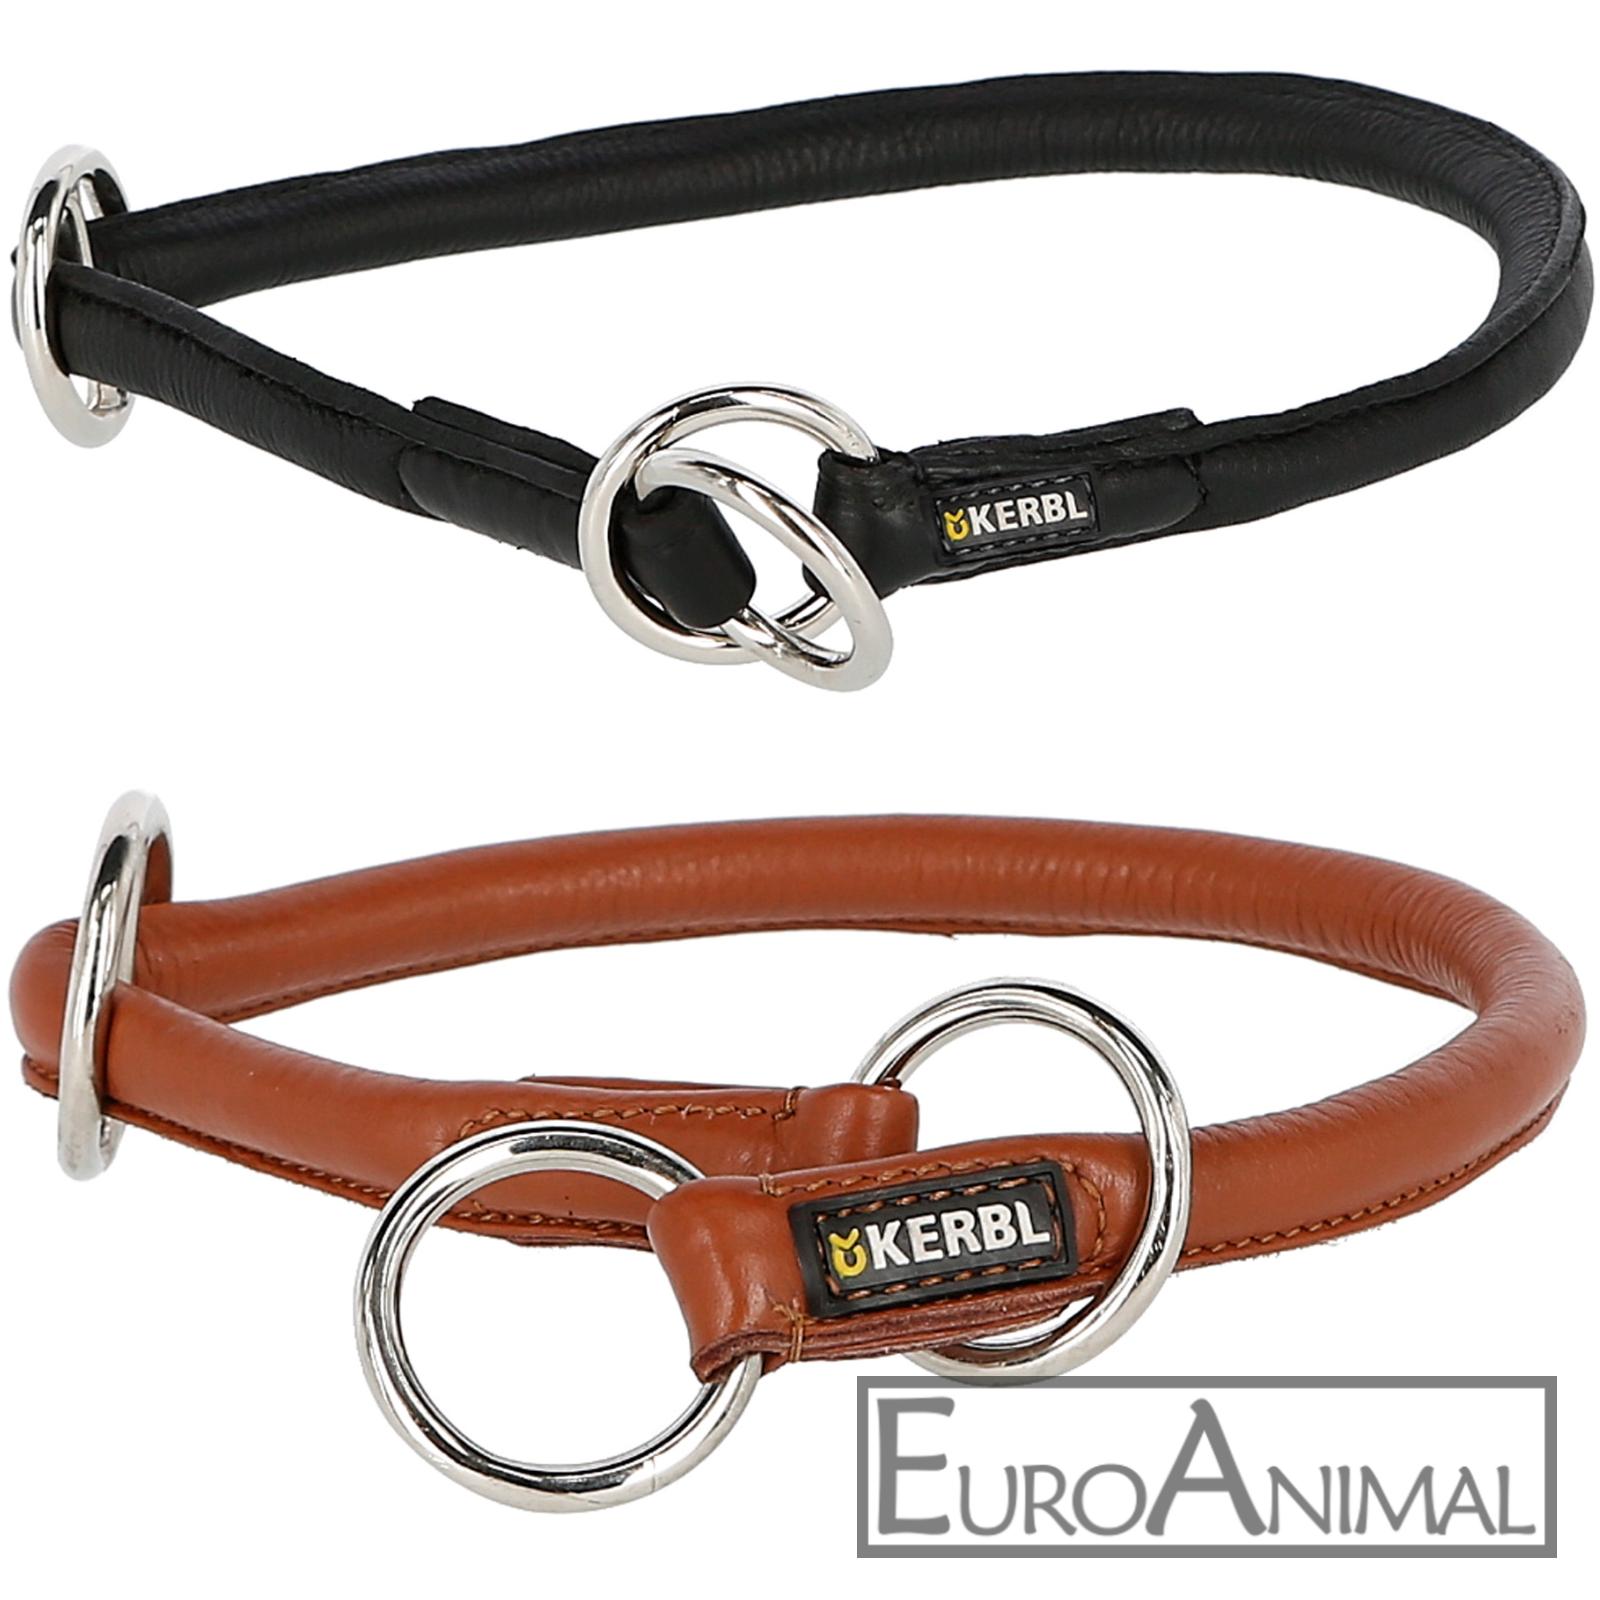 Rundleder Würgehalsband ROMA Würger mit Stopper Hunde Halsband Lederhalsband